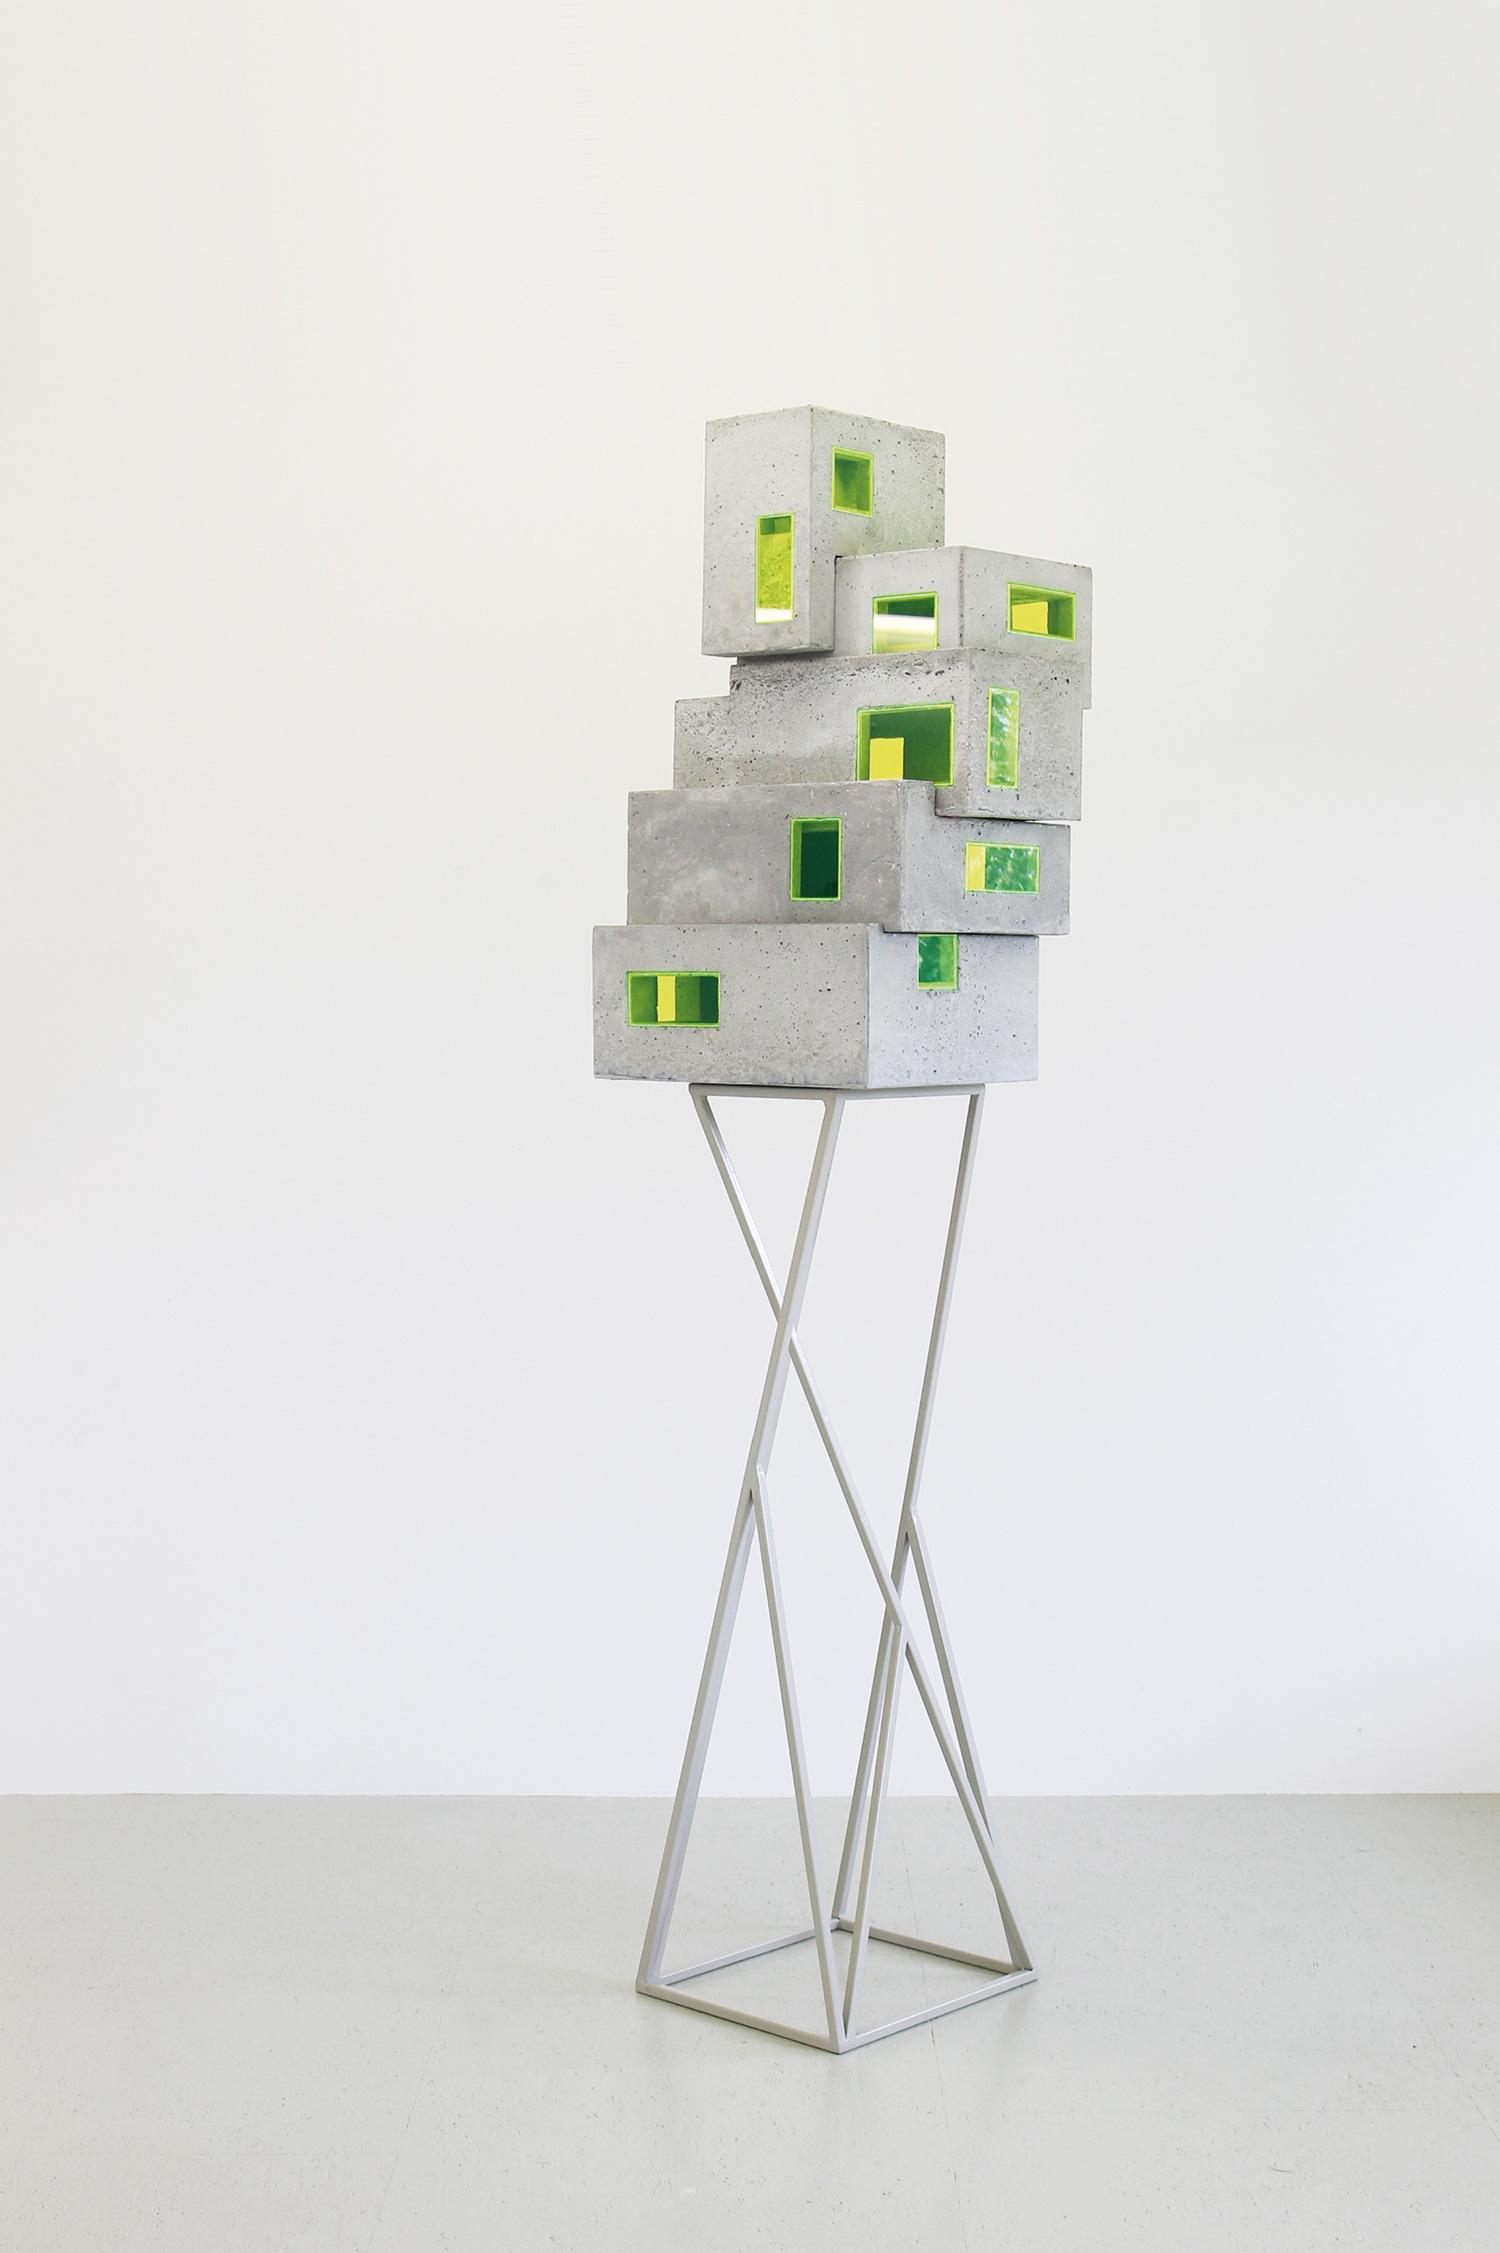 Z [stabiles Ungleichgewicht ] | 2019 | Beton, Acrylglas,Metall | 50 x 33 x 200 cm